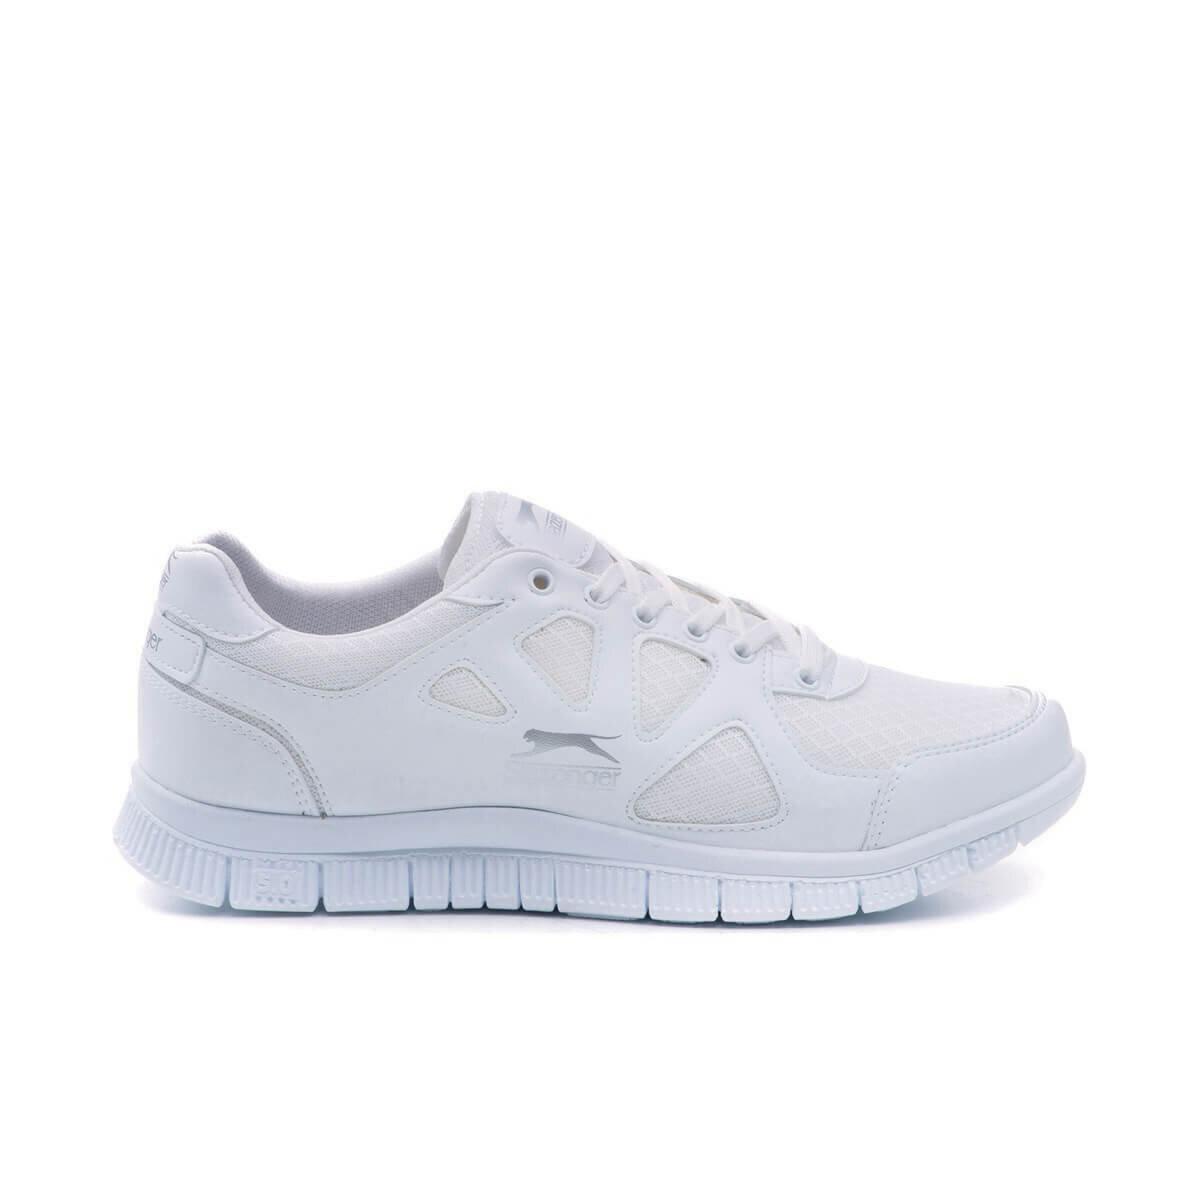 BEYAZ Erkek Koşu Ayakkabısı AKTOM